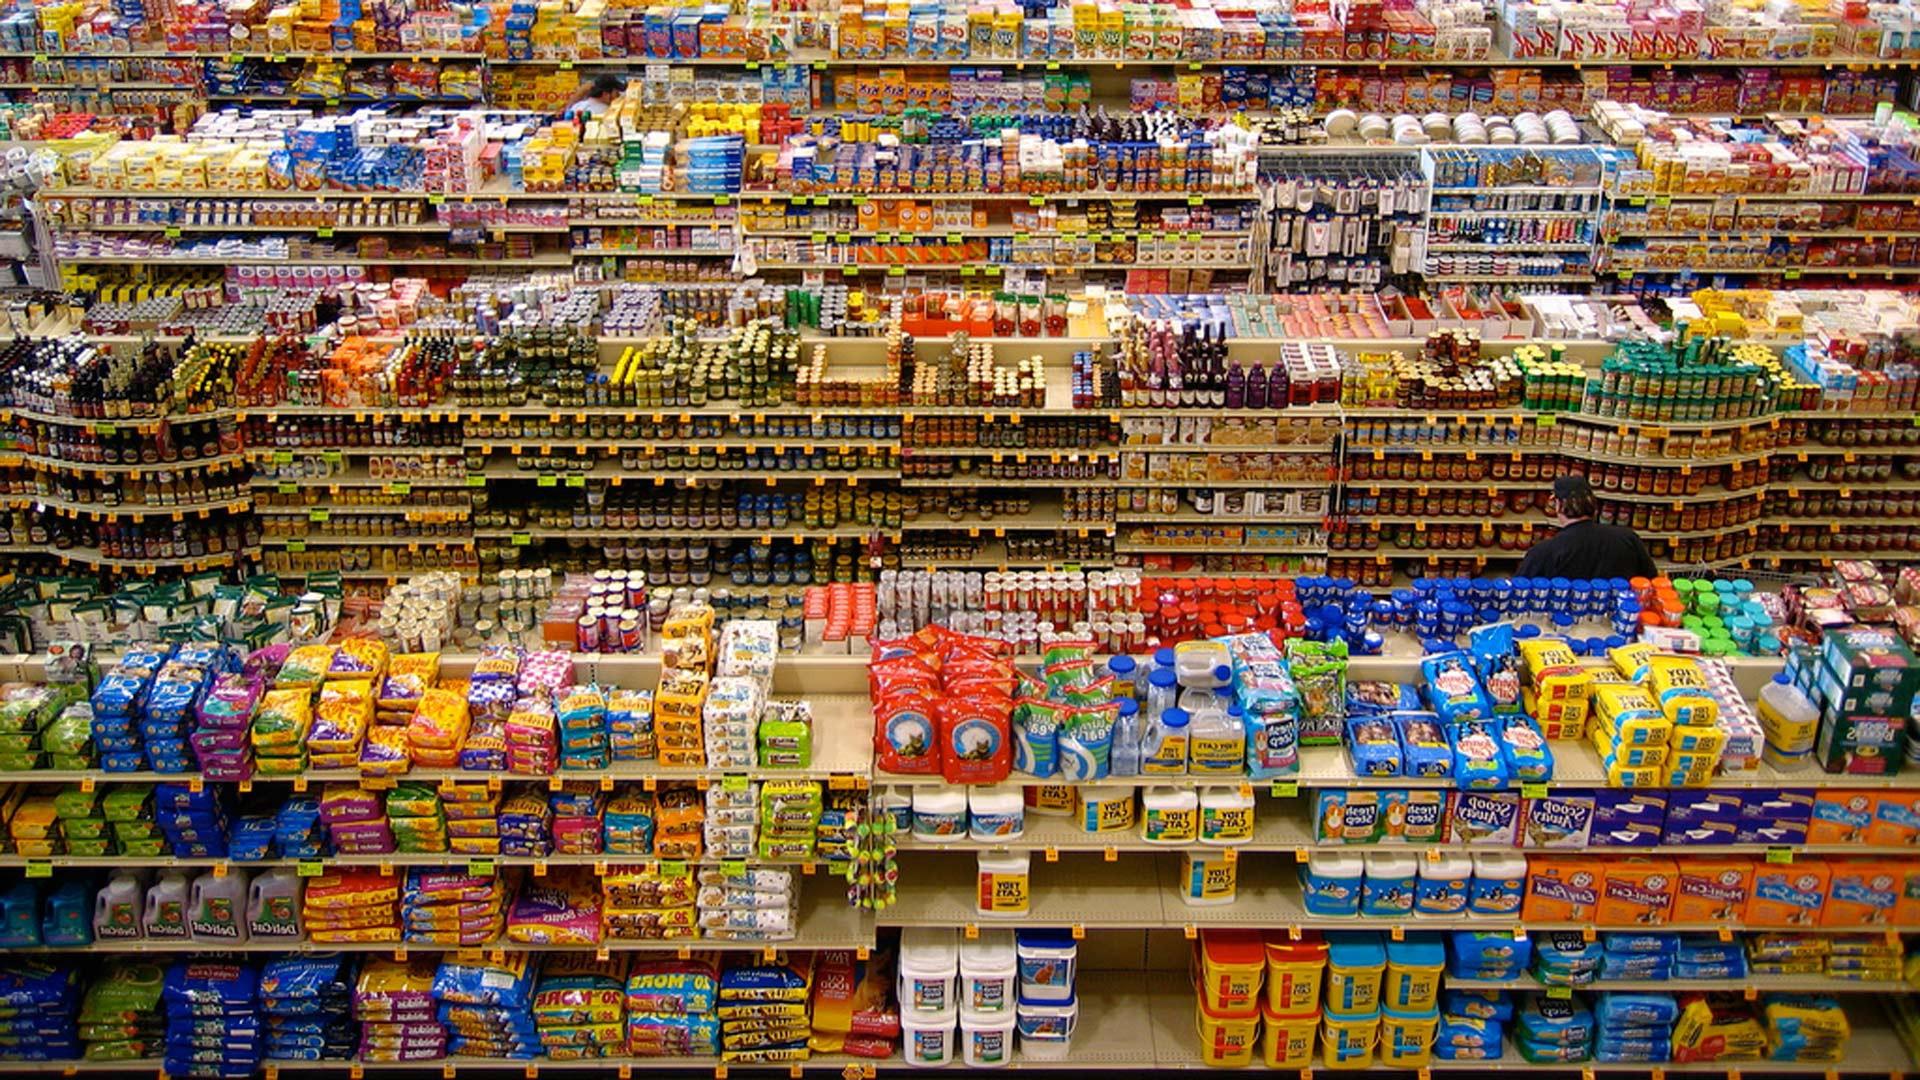 consumismo consumo mercado etiquetas ciencia contenido posverdad mentiras